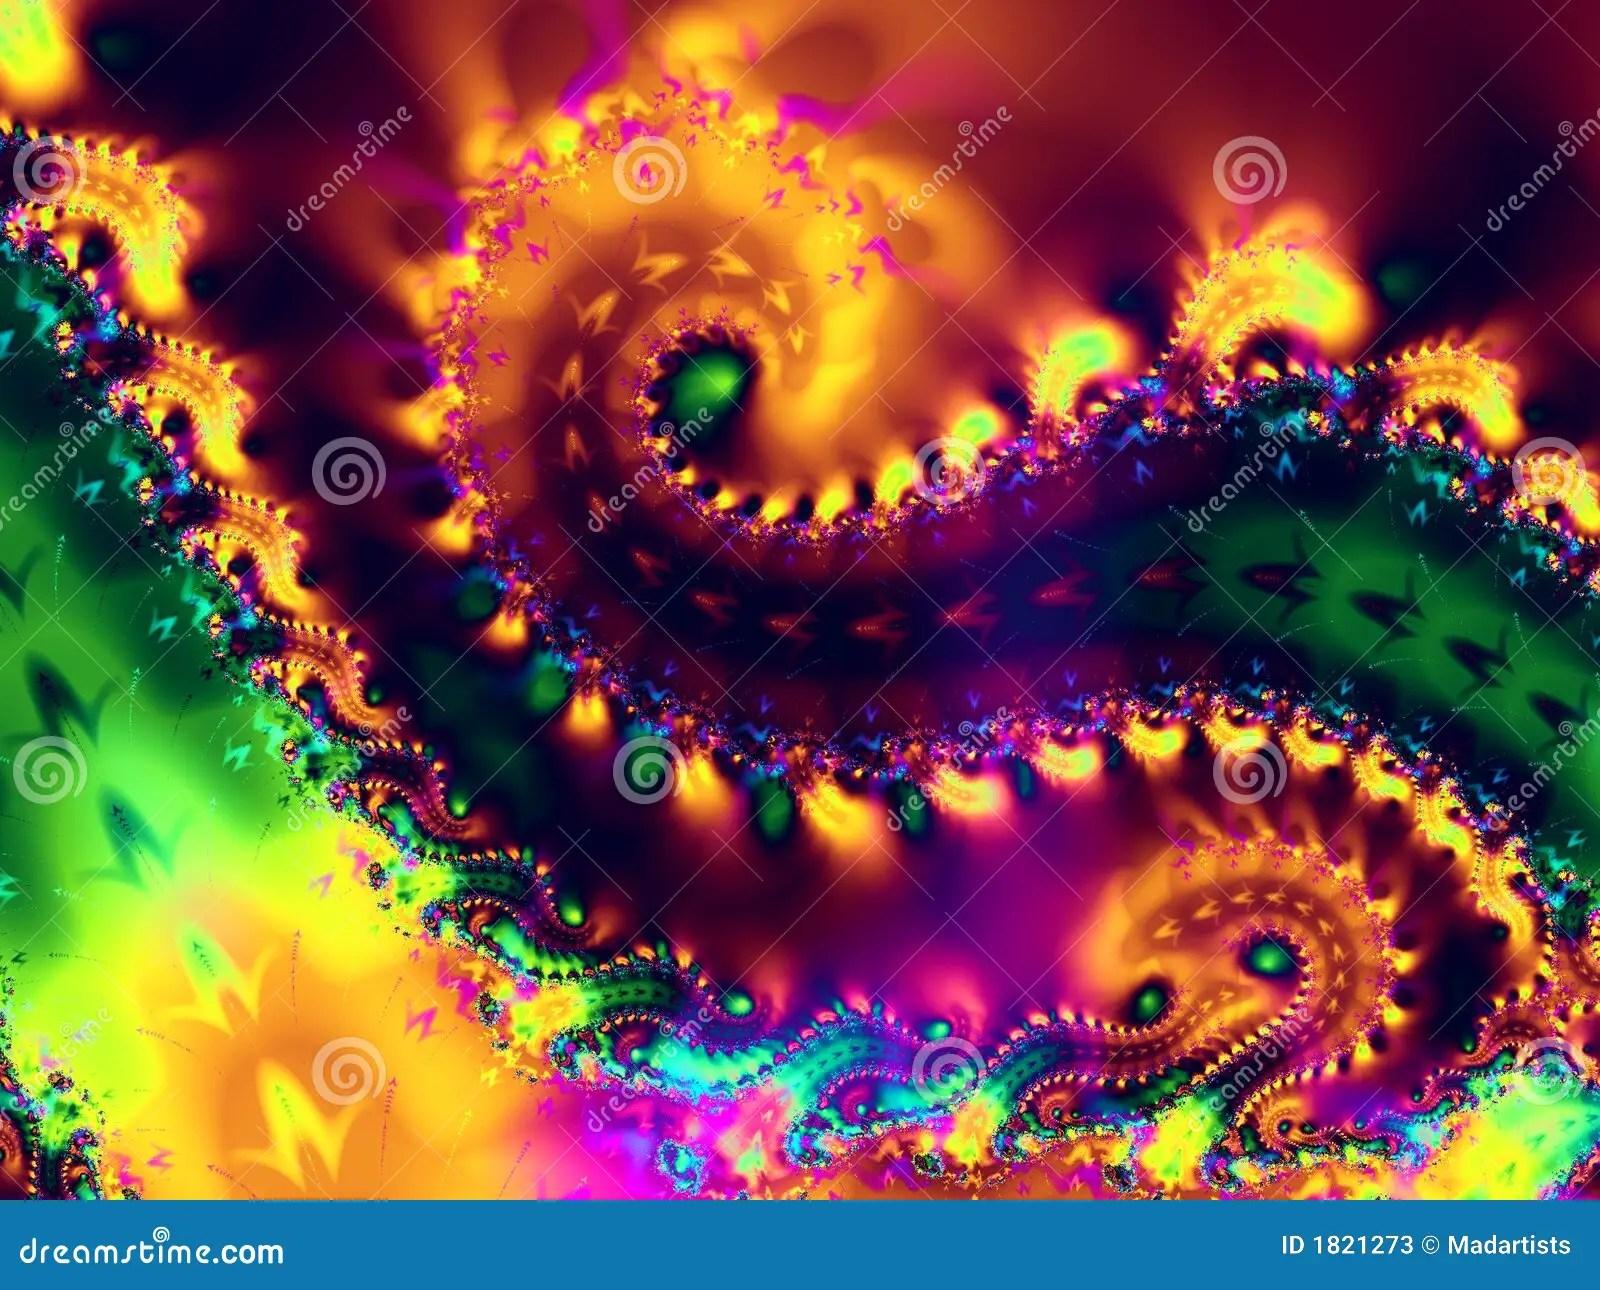 3d Liquid Abstract Wallpaper Spiral Swirls Fractal Texture Stock Photos Image 1821273